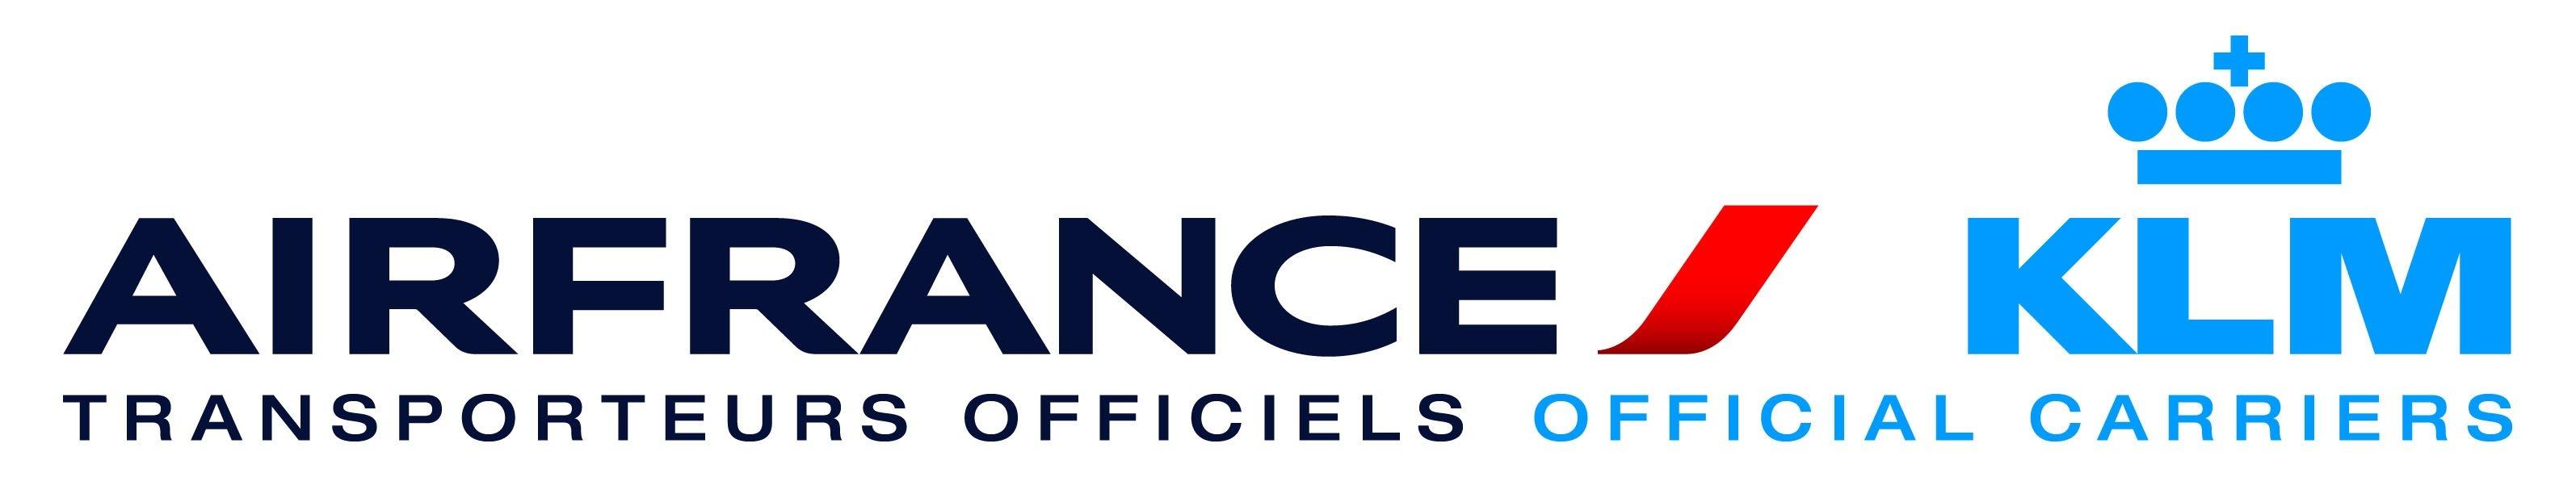 Air France KLM SA (ADR) logo